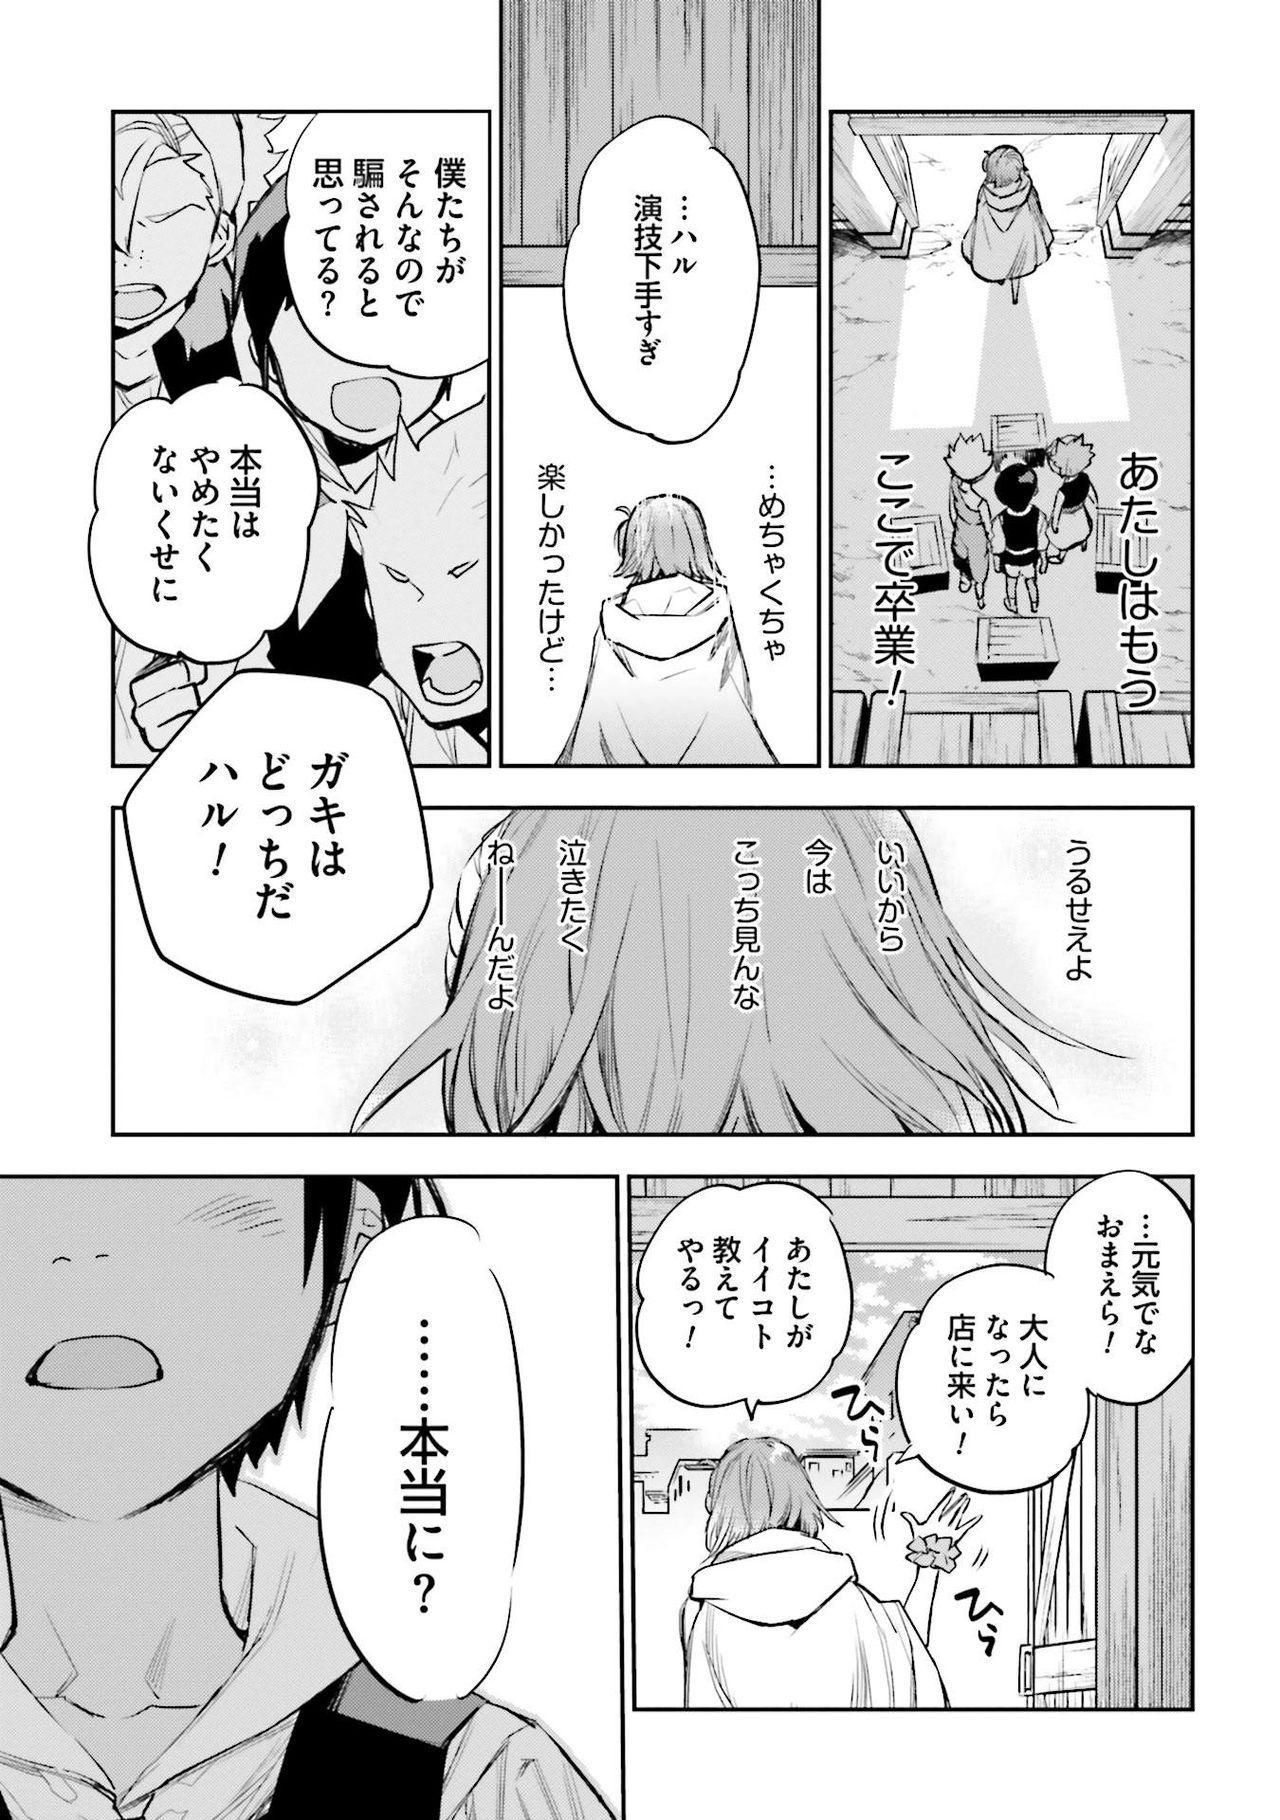 JK Haru wa Isekai de Shoufu ni Natta 1-14 432